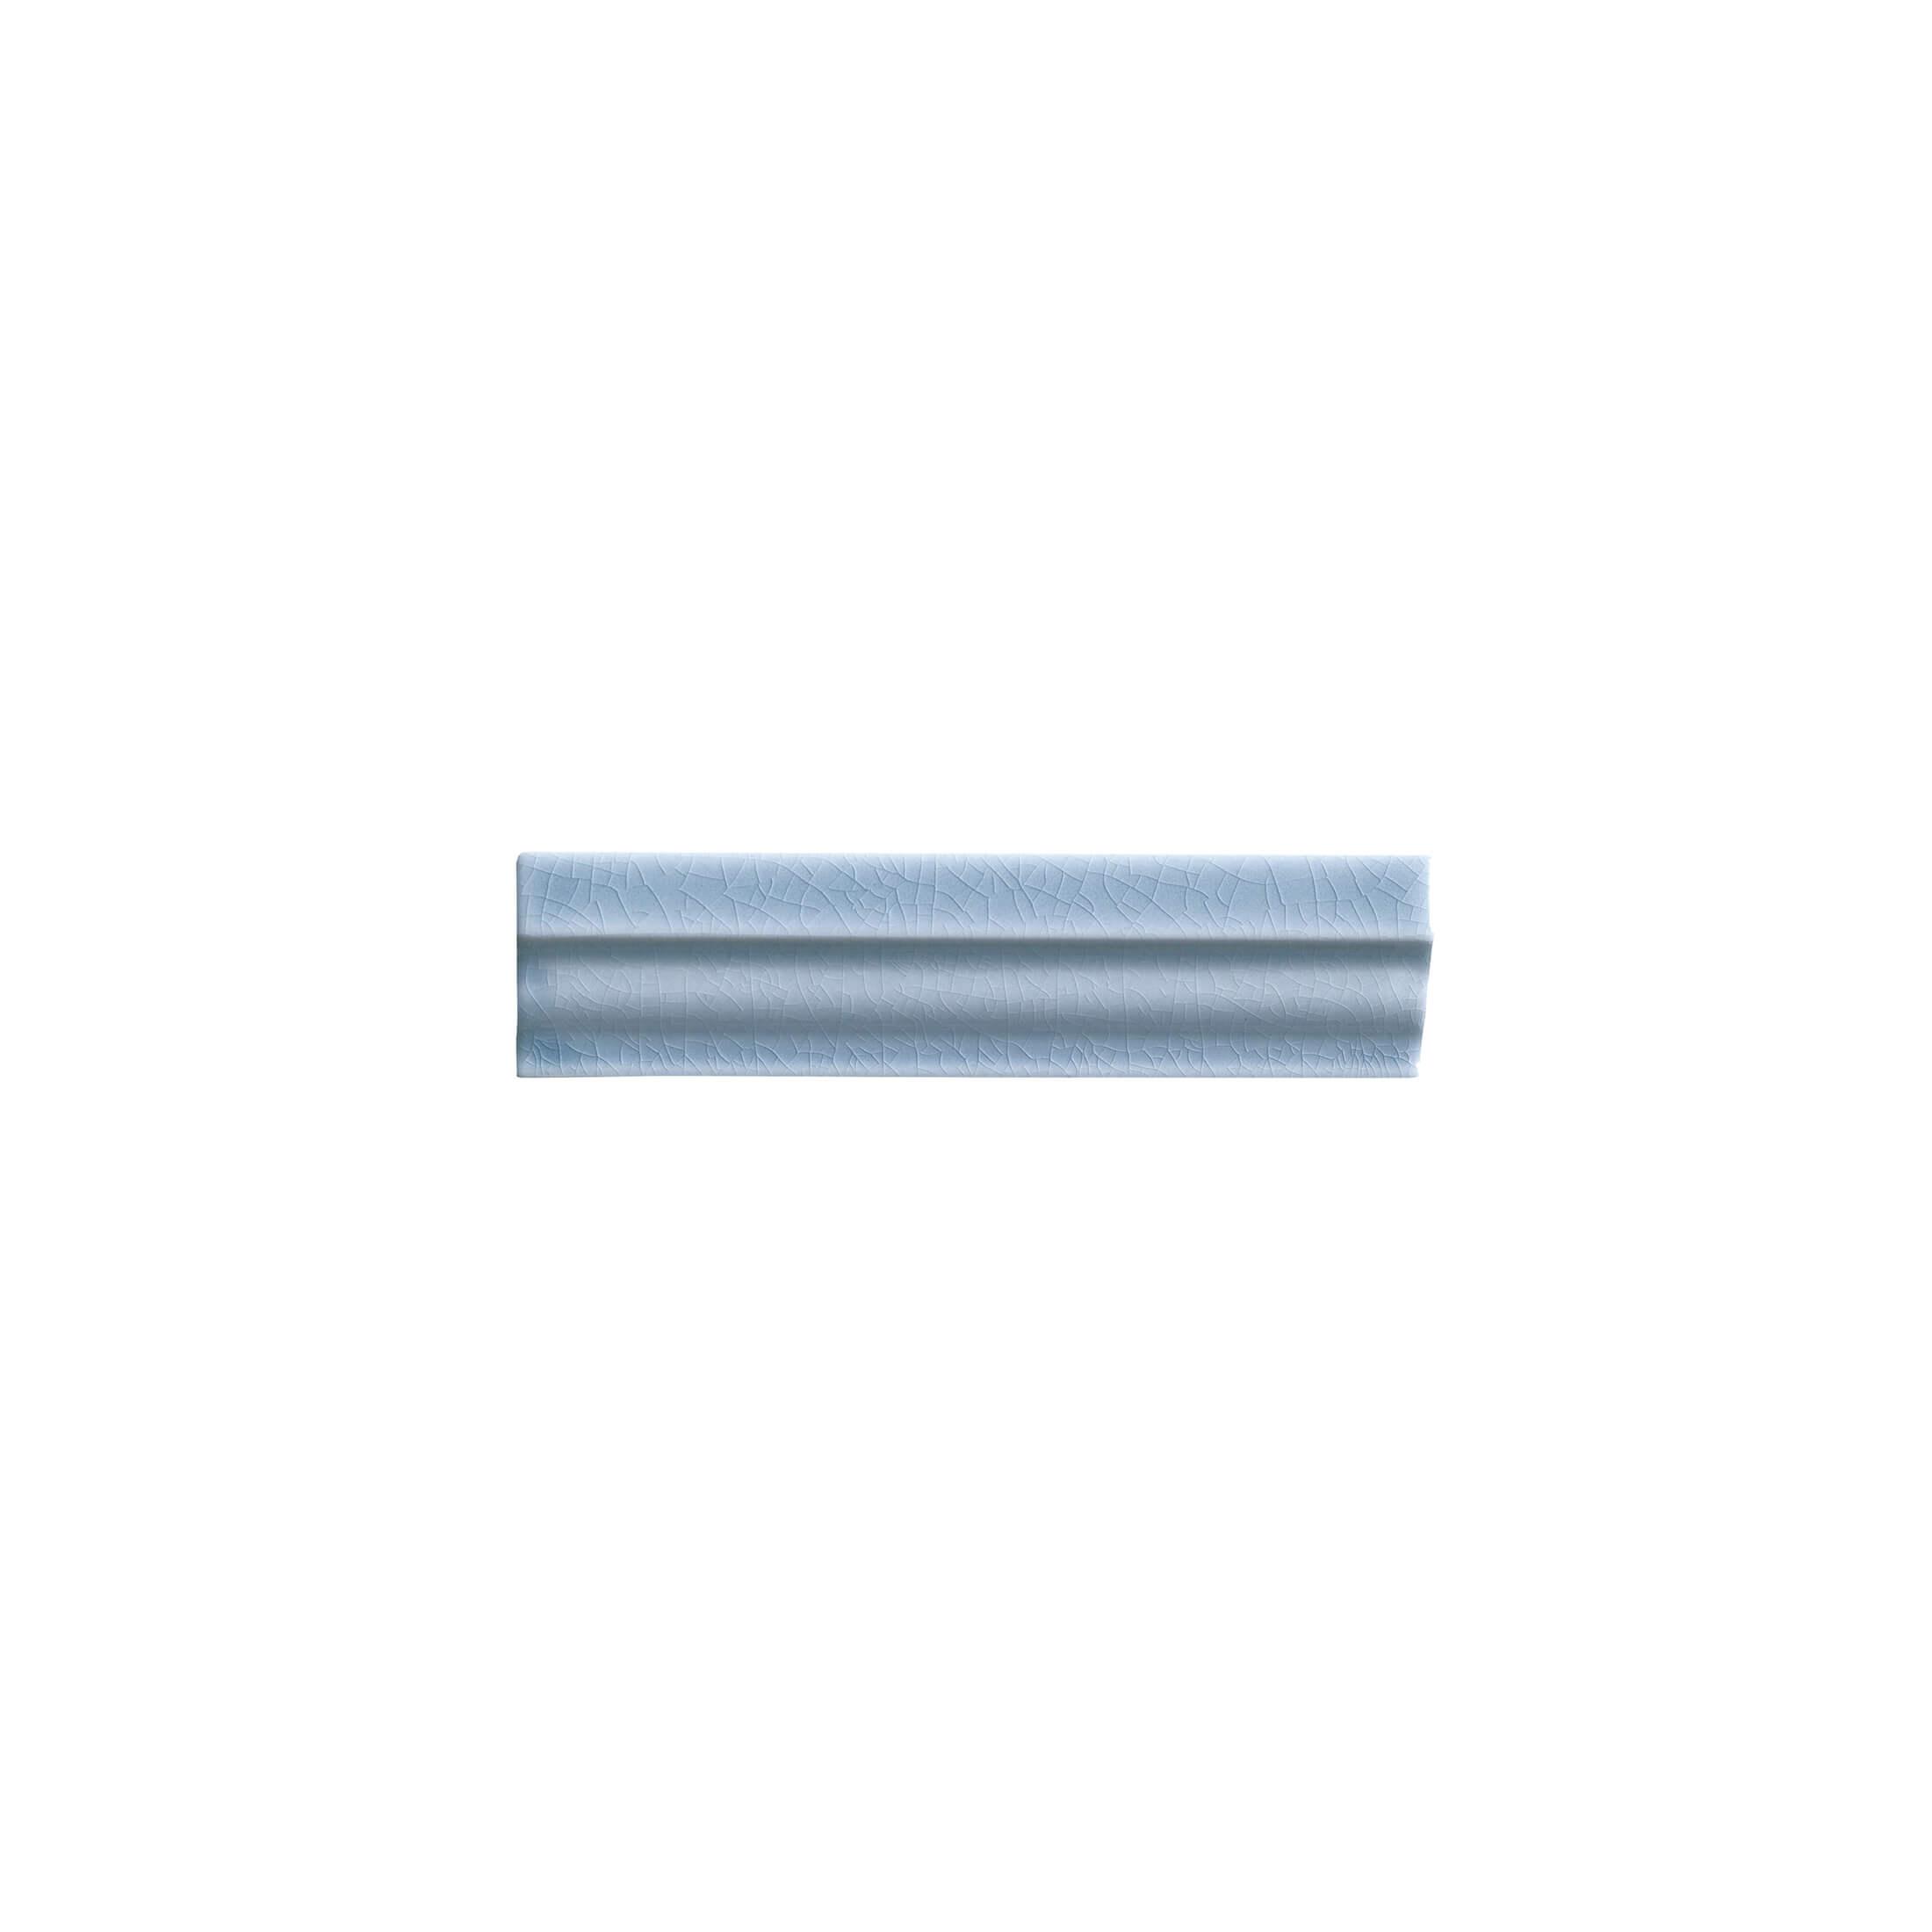 ADMO5438 - CORNISA CLASICA C/C - 3.5 cm X 15 cm